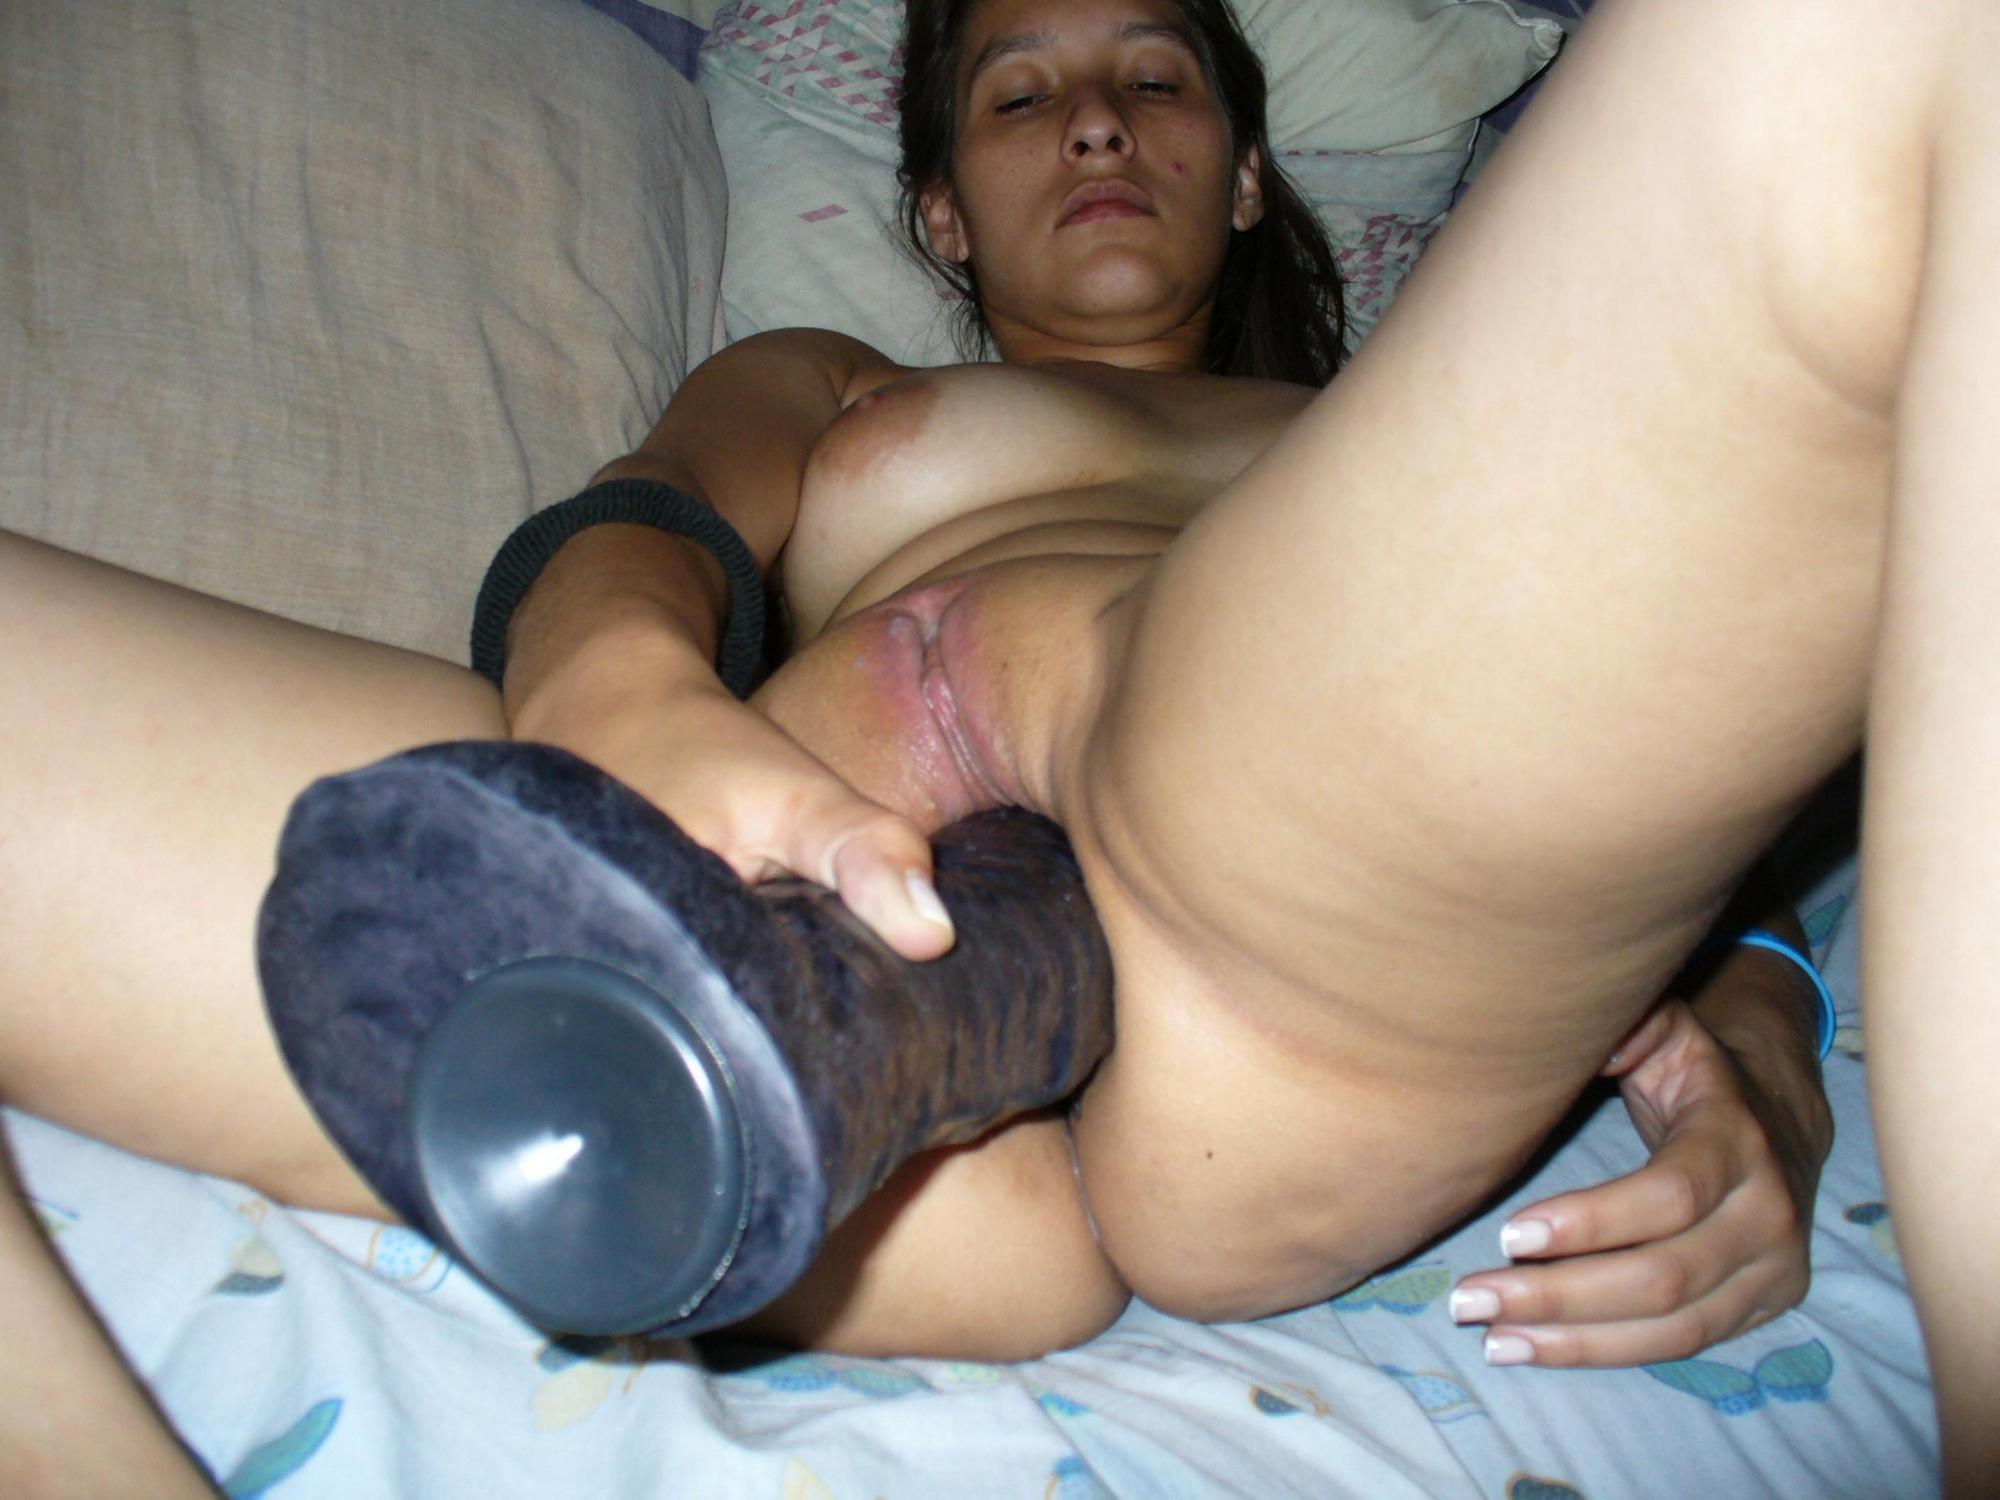 Девушка теребонькает секс в анус и вагину трах игрушками разнообразных размеров